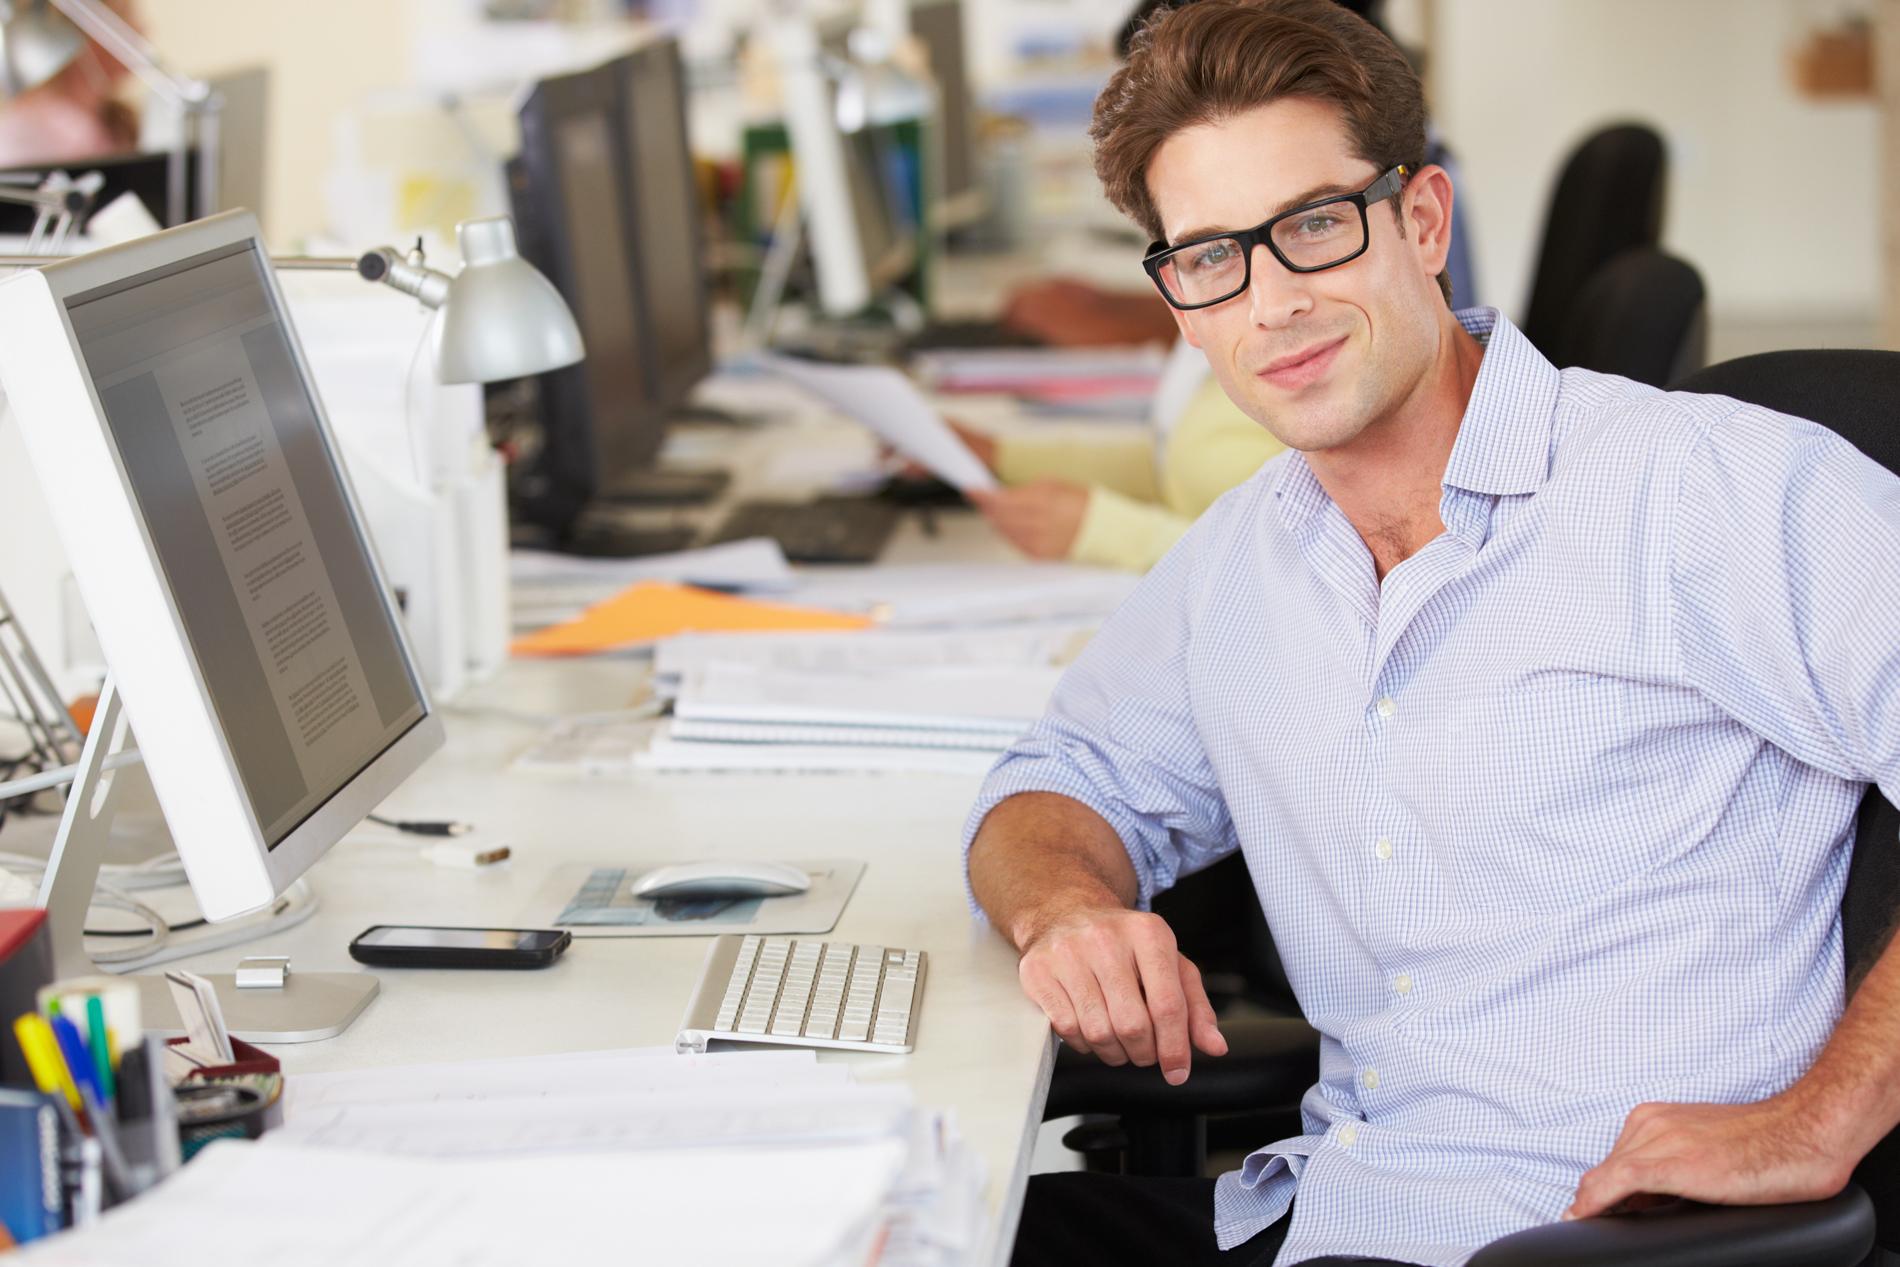 Productivité au travail